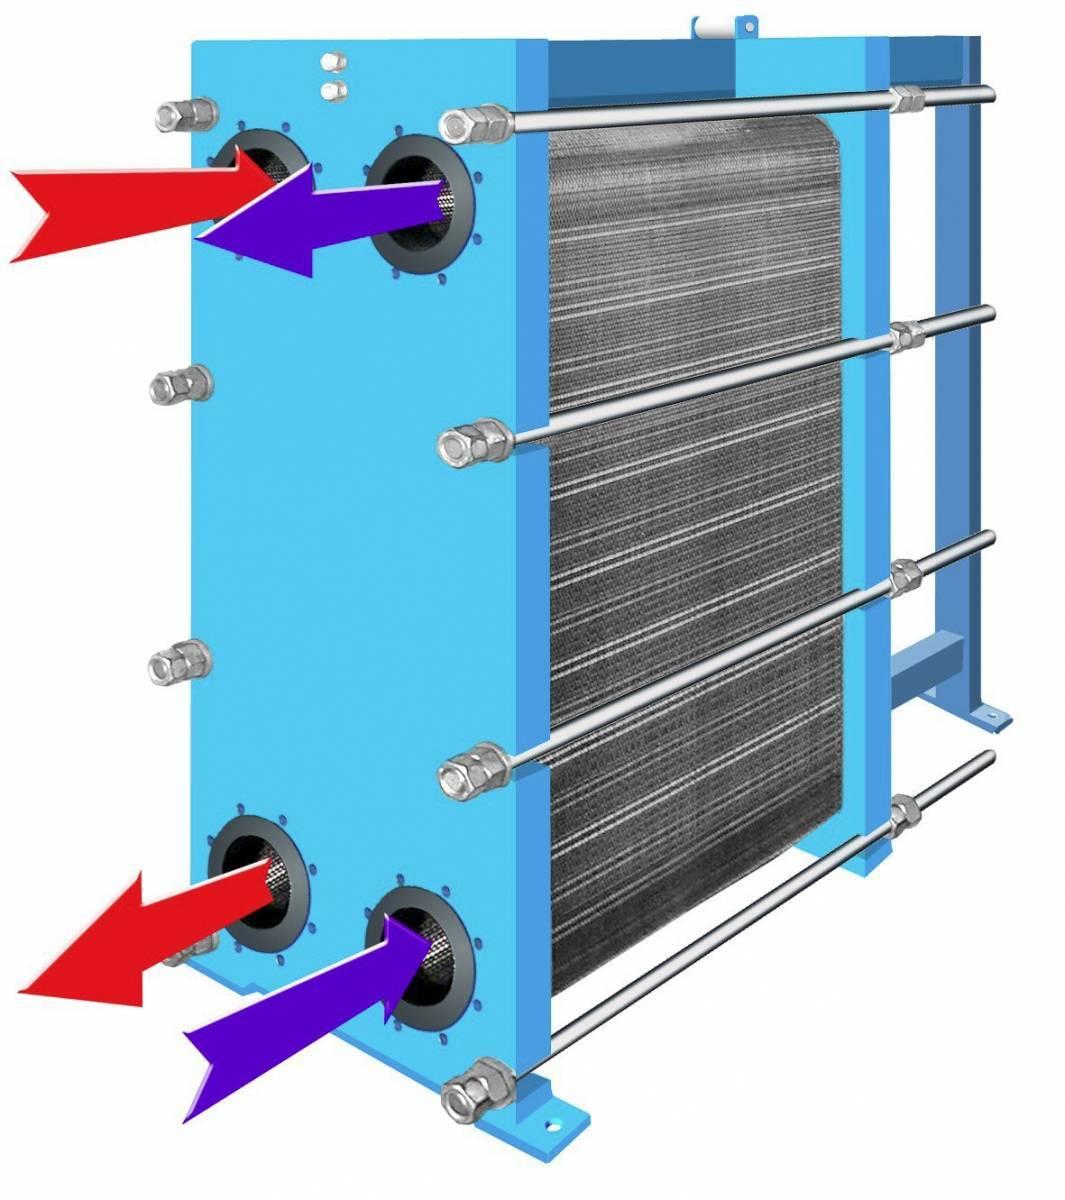 Konsulan.ruкак уменьшить разницу температур между подачей и обраткой